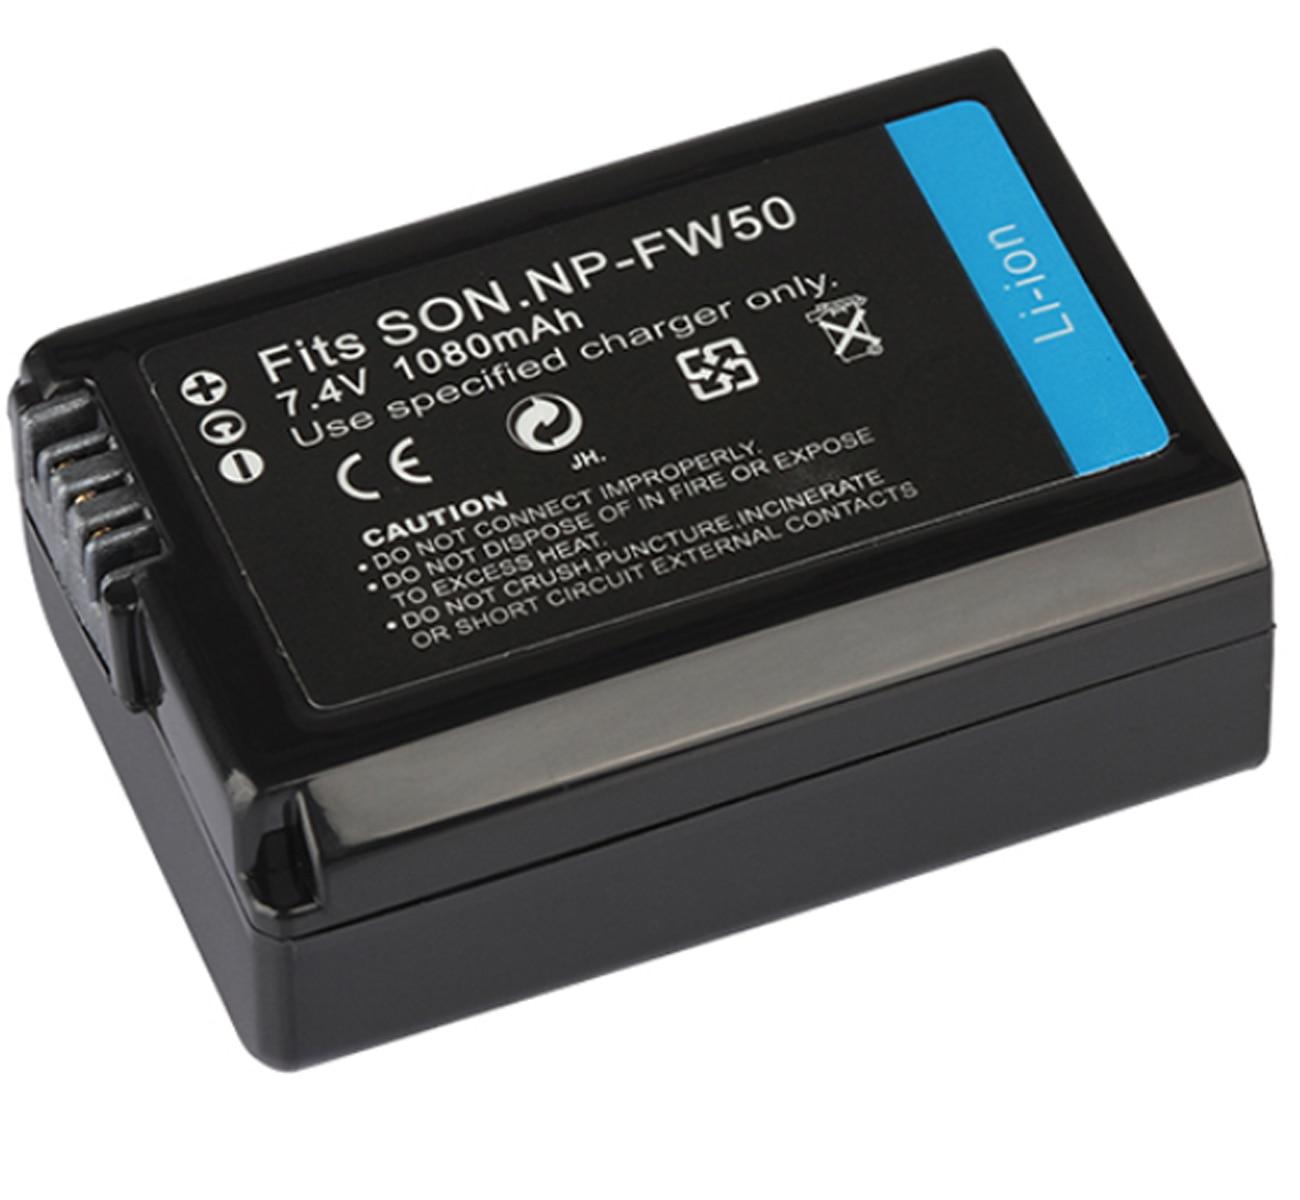 Batería para cámara Digital Sony Alpha ILCE-3000,ILCE-3500,ILCE-5000,ILCE-5100,ILCE-6000,ILCE-6100,ILCE-6300,ILCE-6400,ILCE-6500